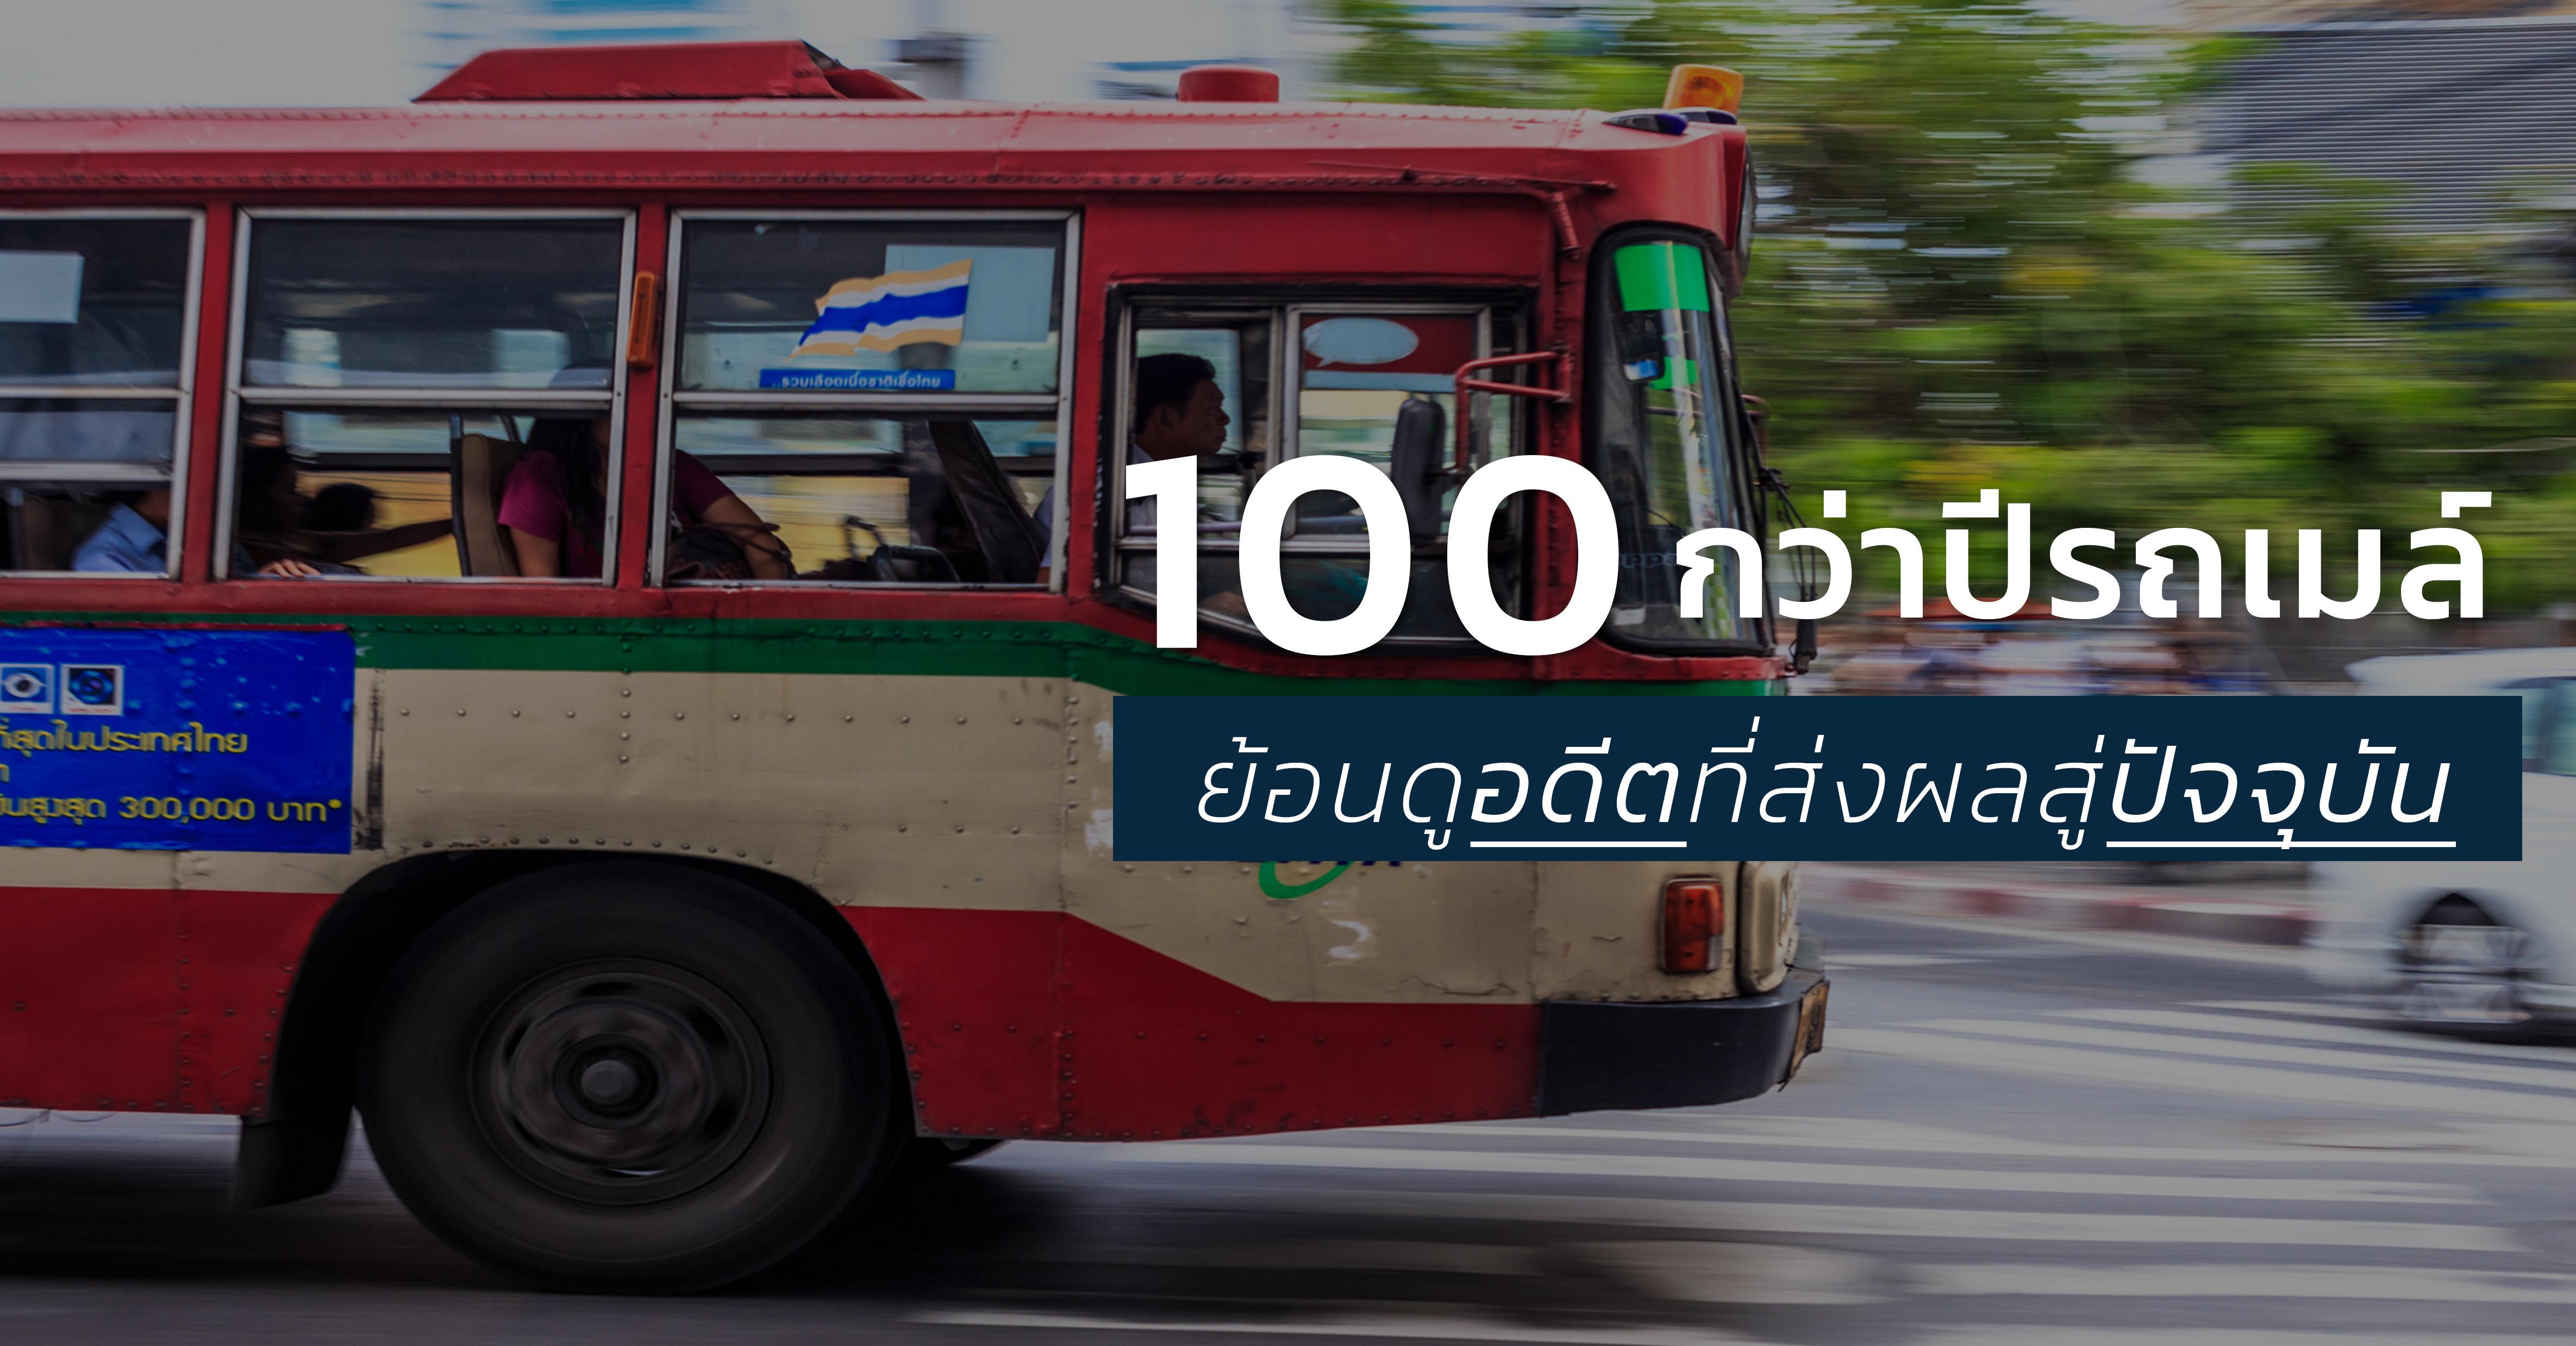 รูปบทความ 100 กว่าปีรถเมล์ ย้อนดูอดีตที่ส่งผลสู่ปัจจุบันของค่าเดินทางชาวกรุง